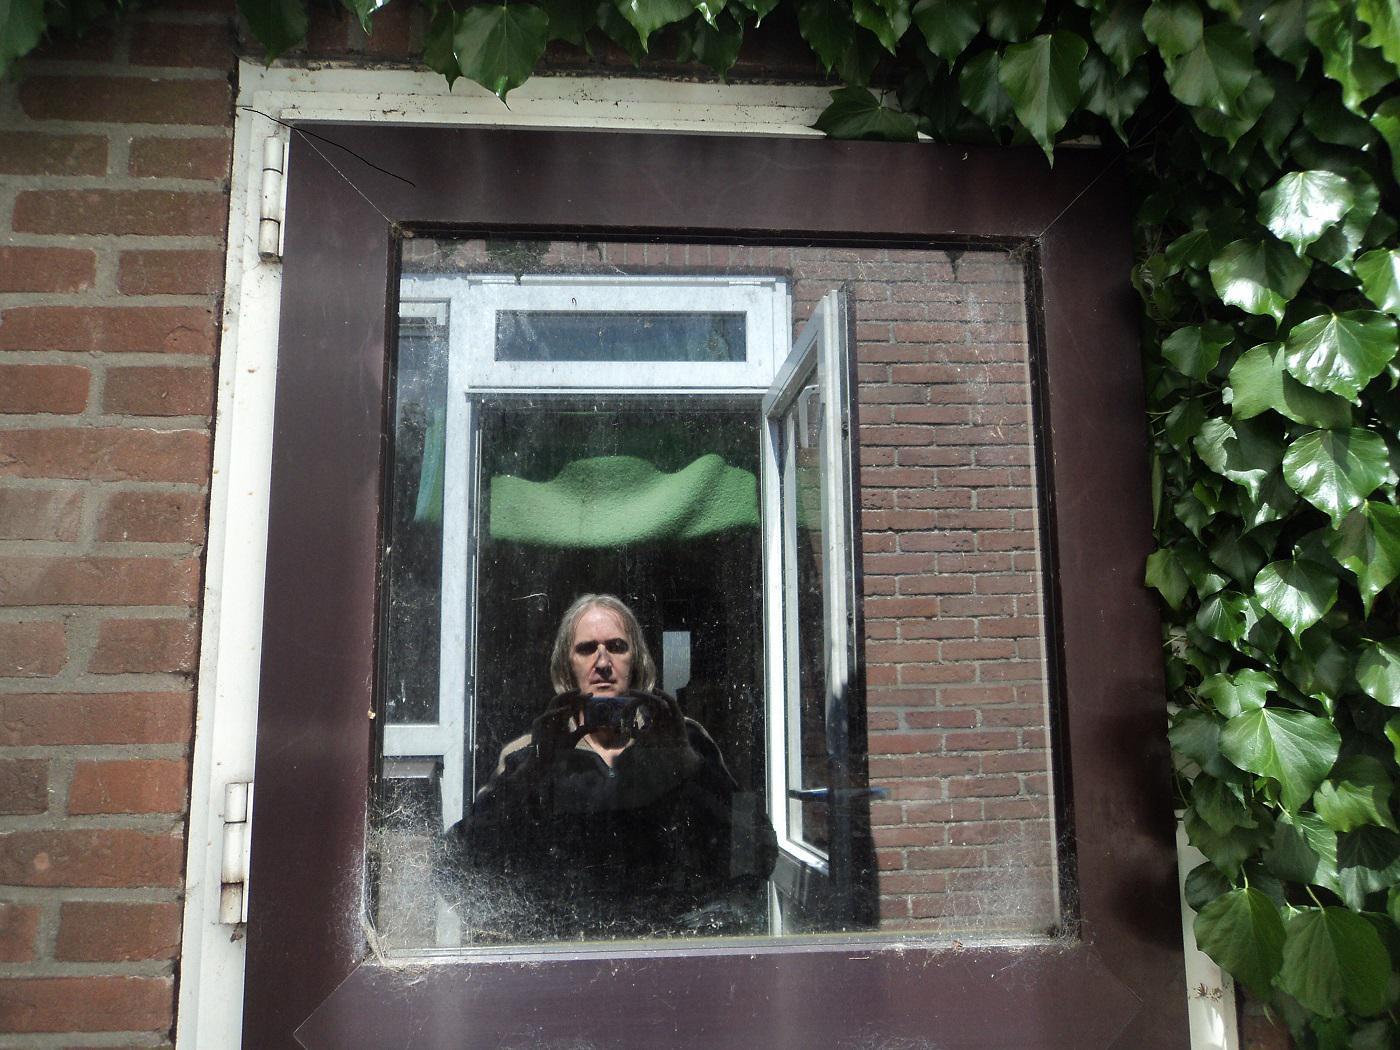 kl123456 uit Zuid-Holland,Nederland